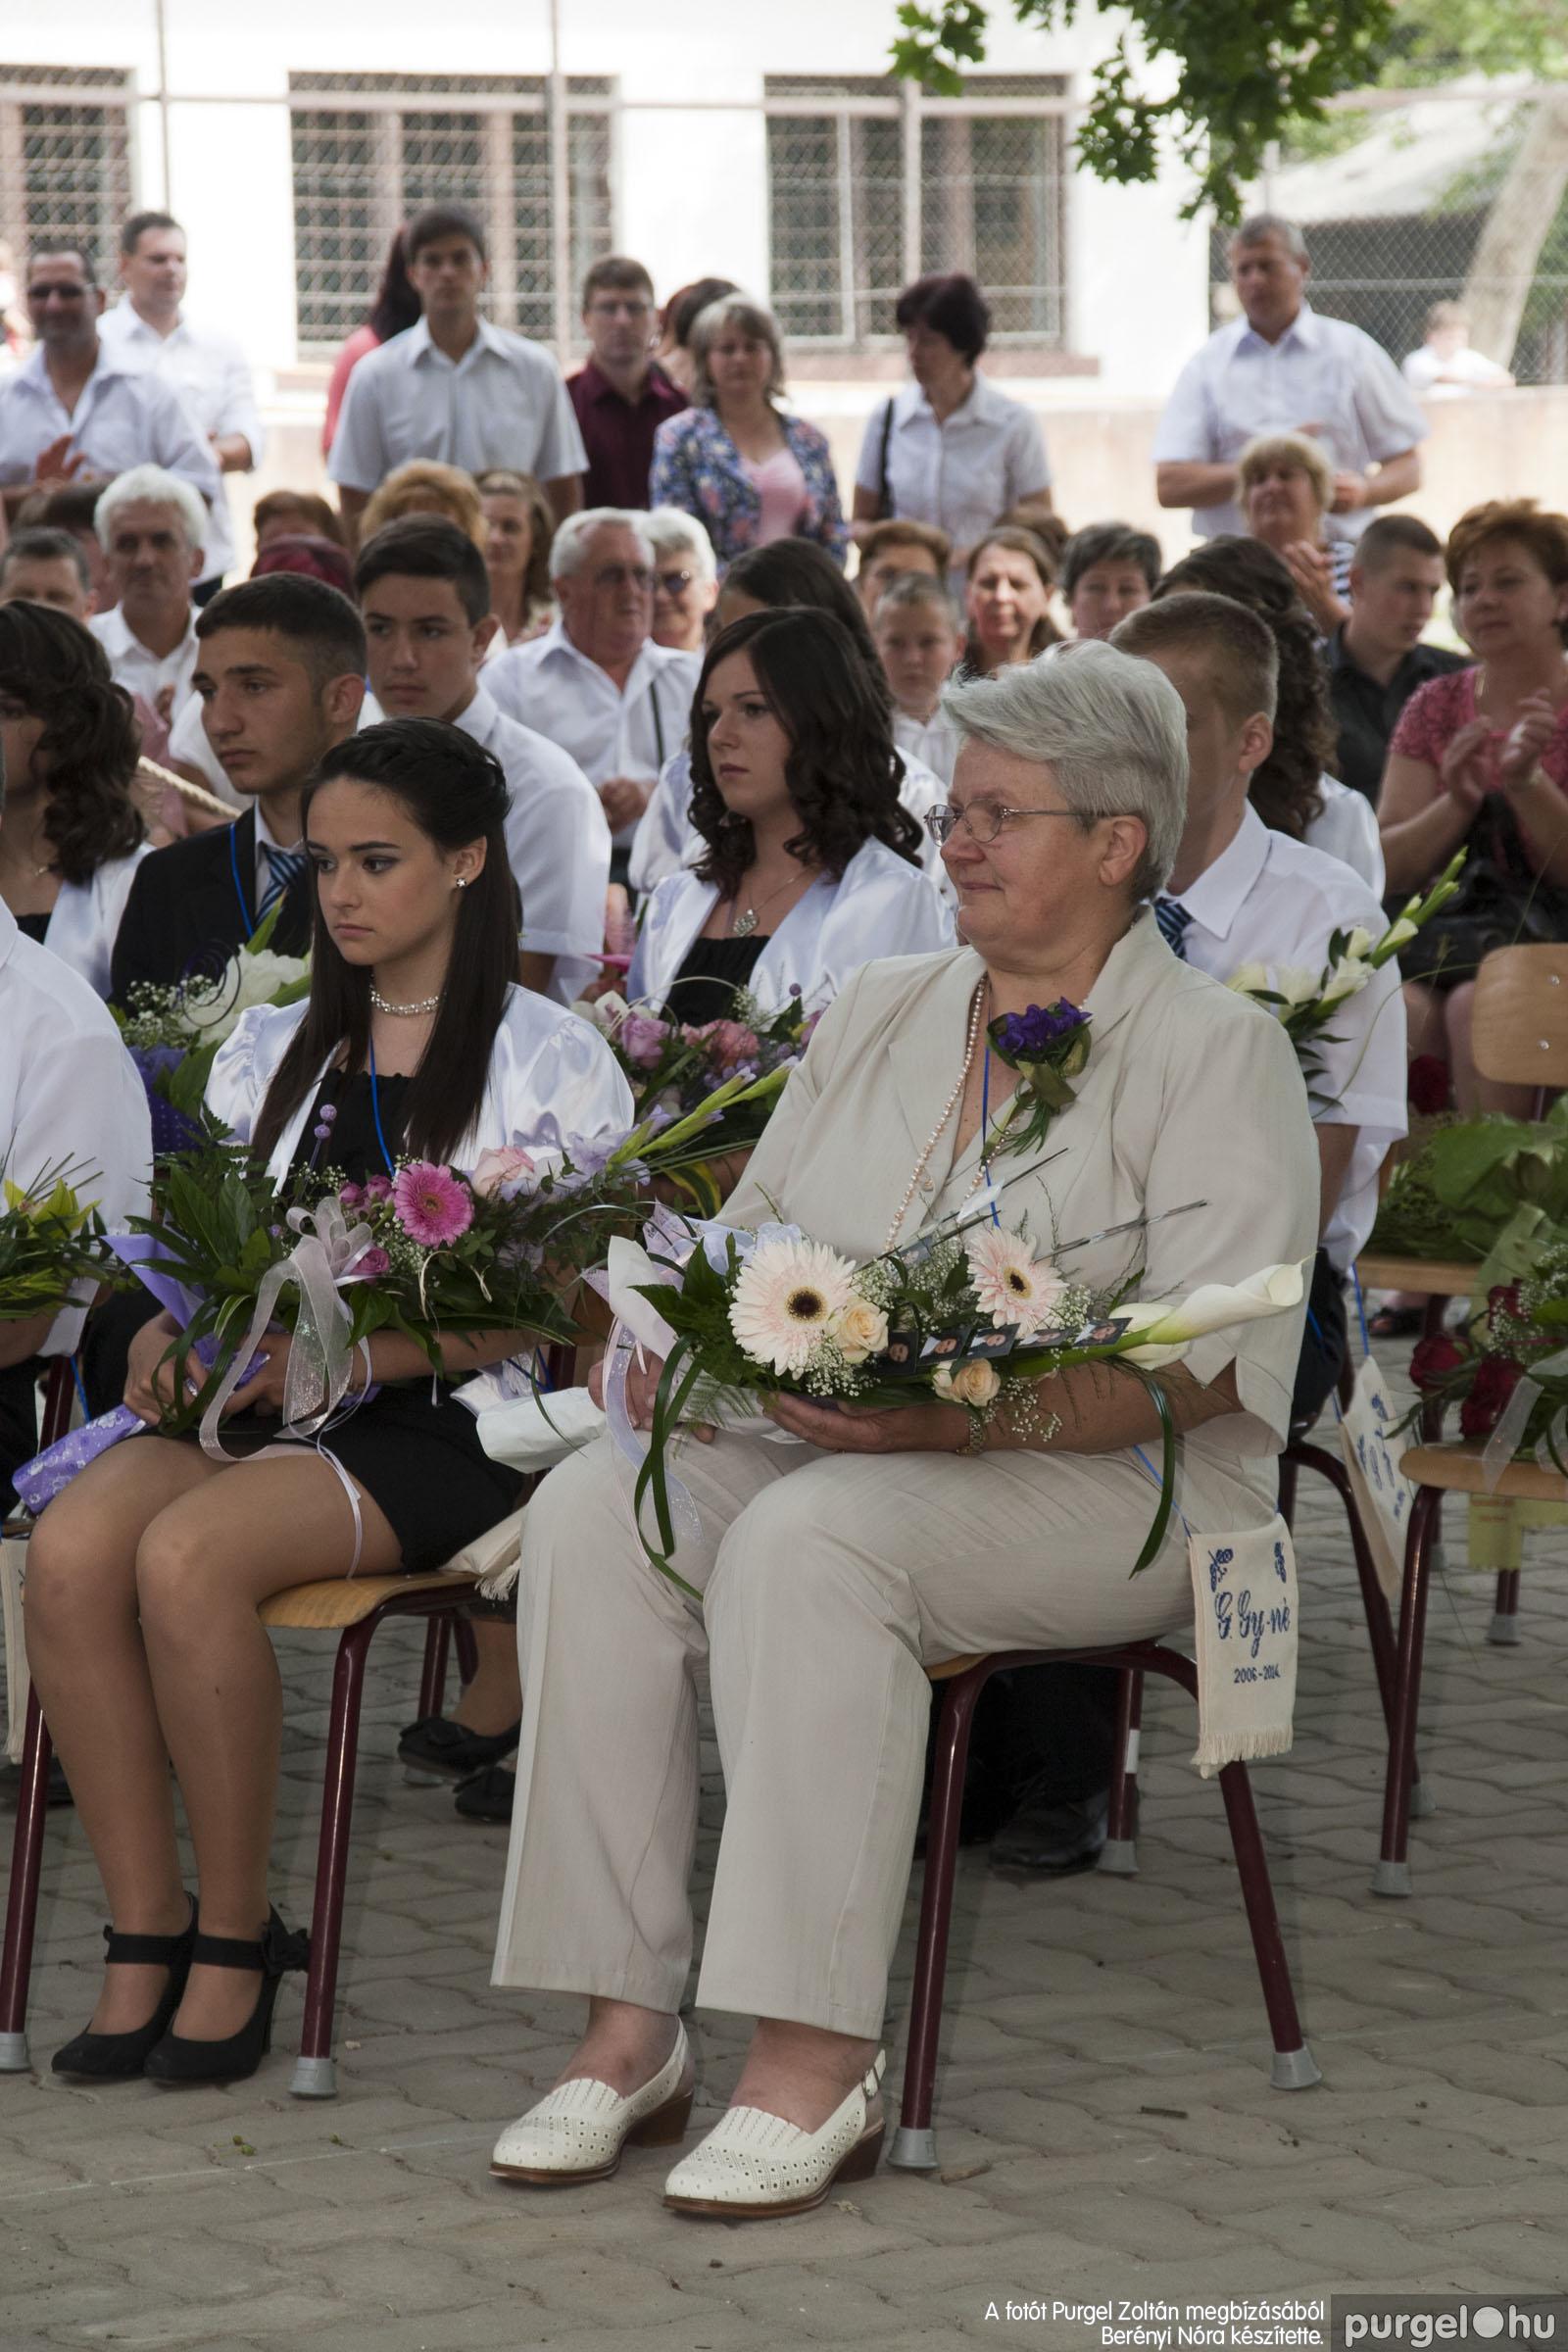 2014.06.14. 164 Forray Máté Általános Iskola ballagás 2014. - Fotó:BERÉNYI NÓRA© _MG_5780.jpg